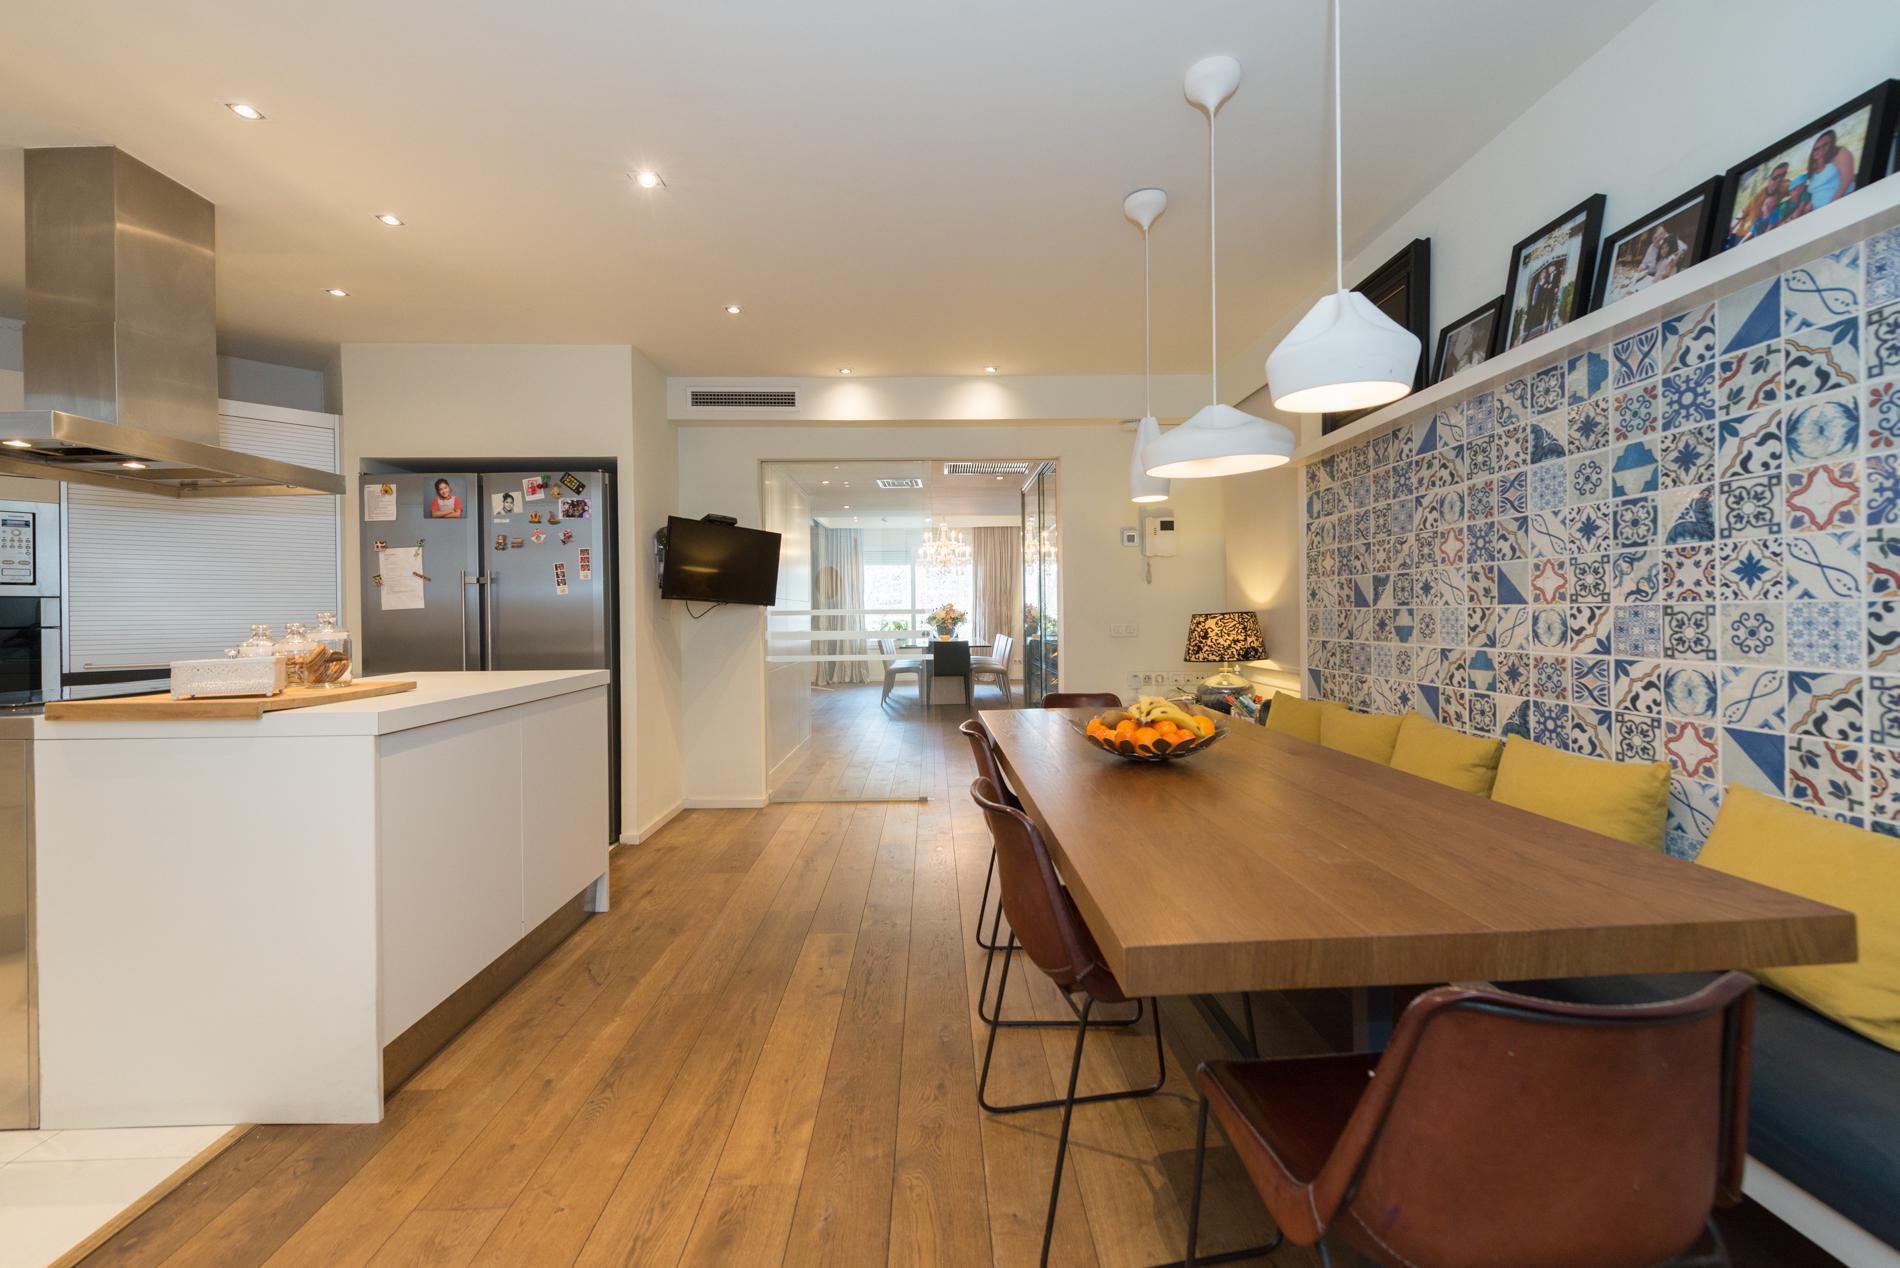 222426 Apartment for sale in Eixample, Dreta Eixample 13